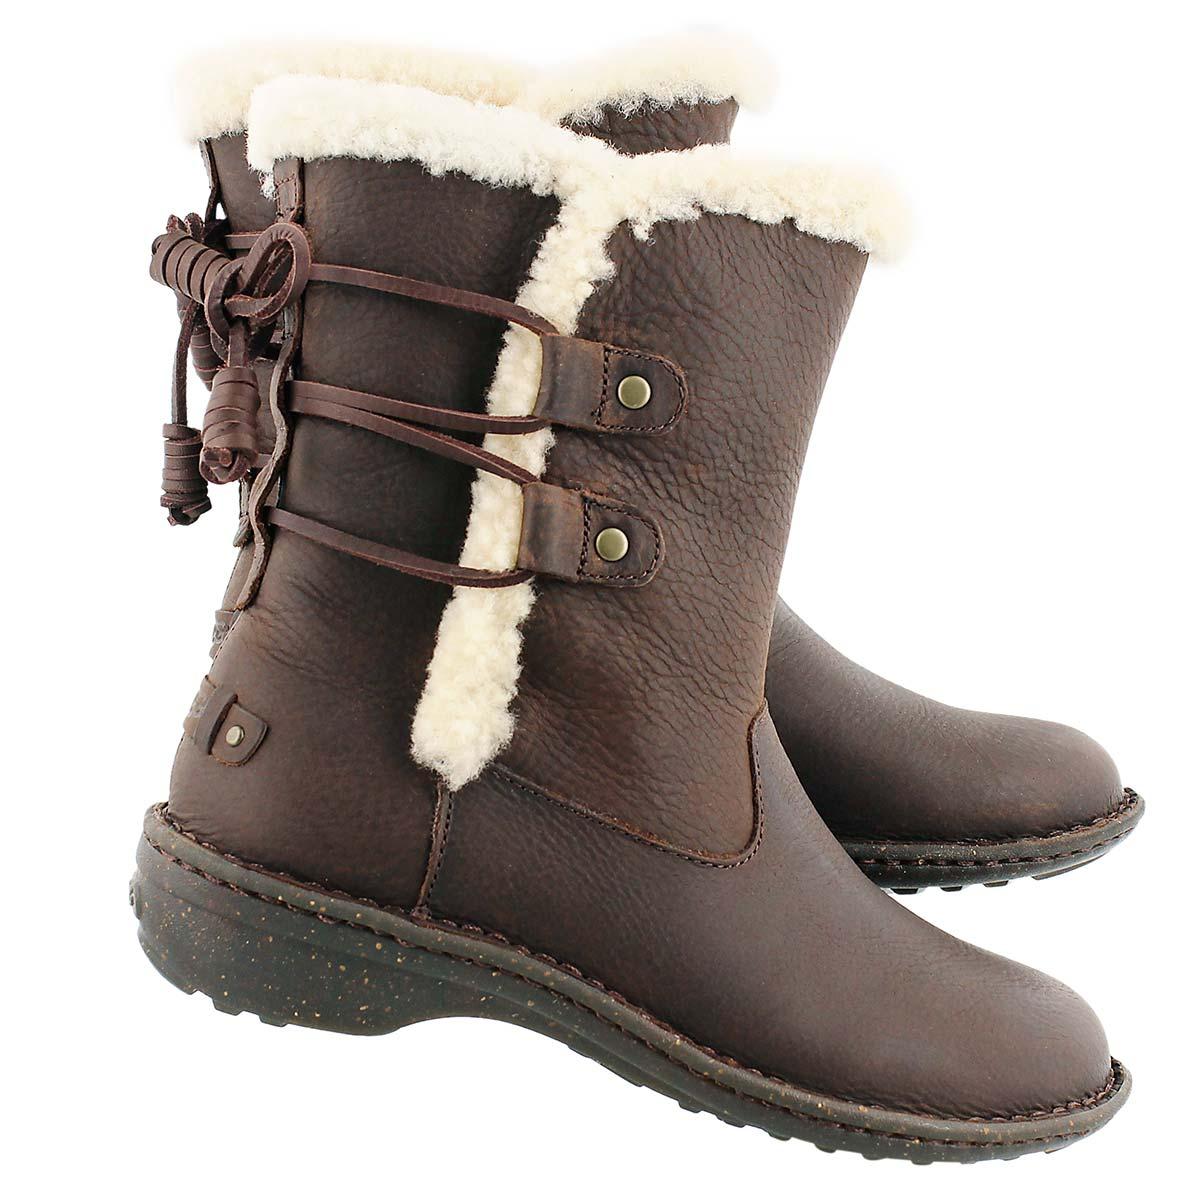 Lds Akadia stout sheepskin winter boot